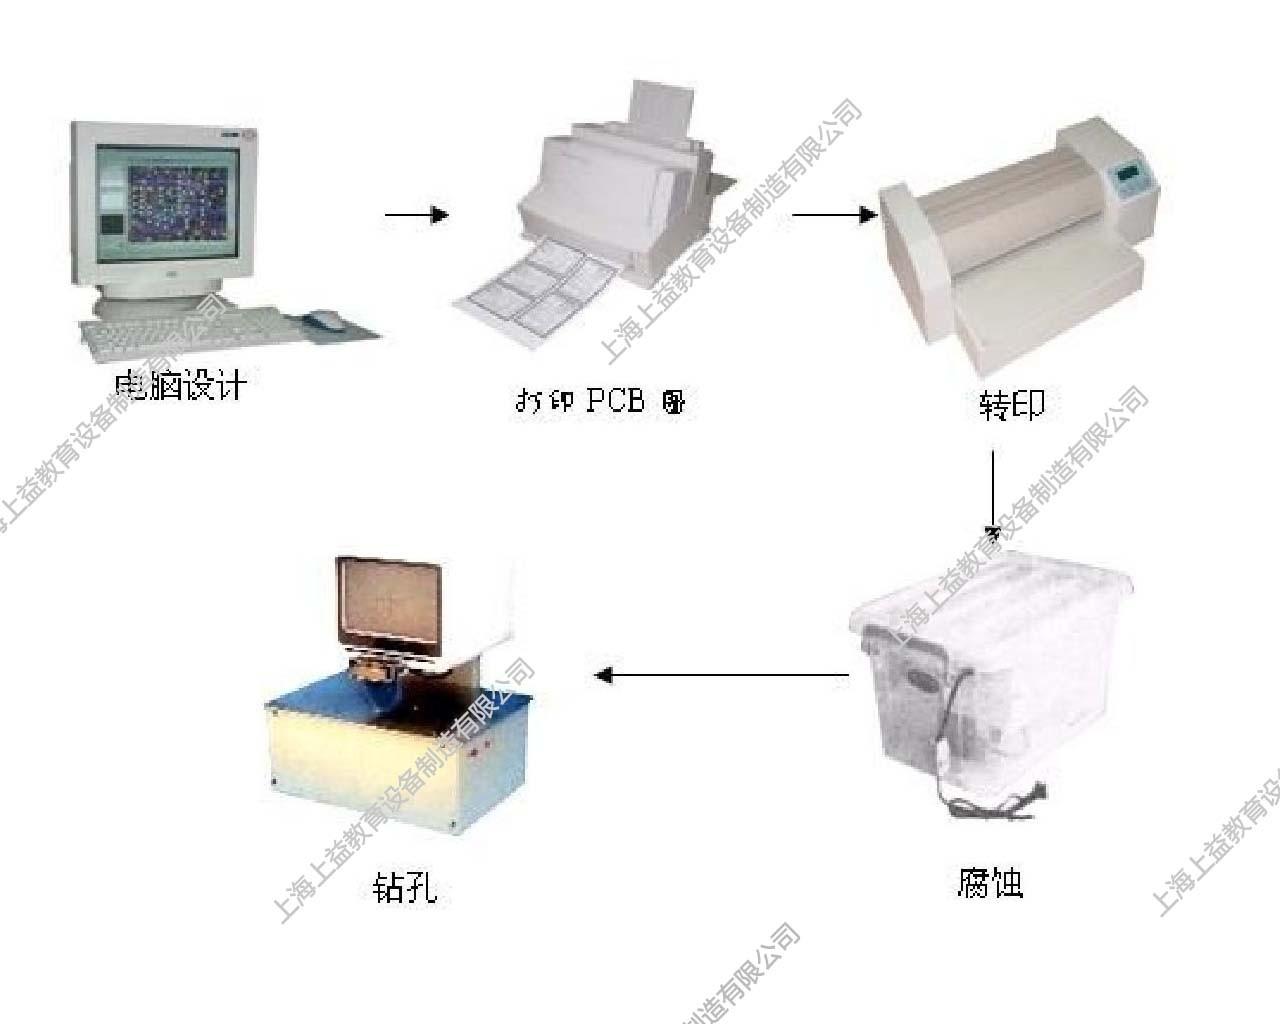 SY-PCB-2A印制板快速制作系统